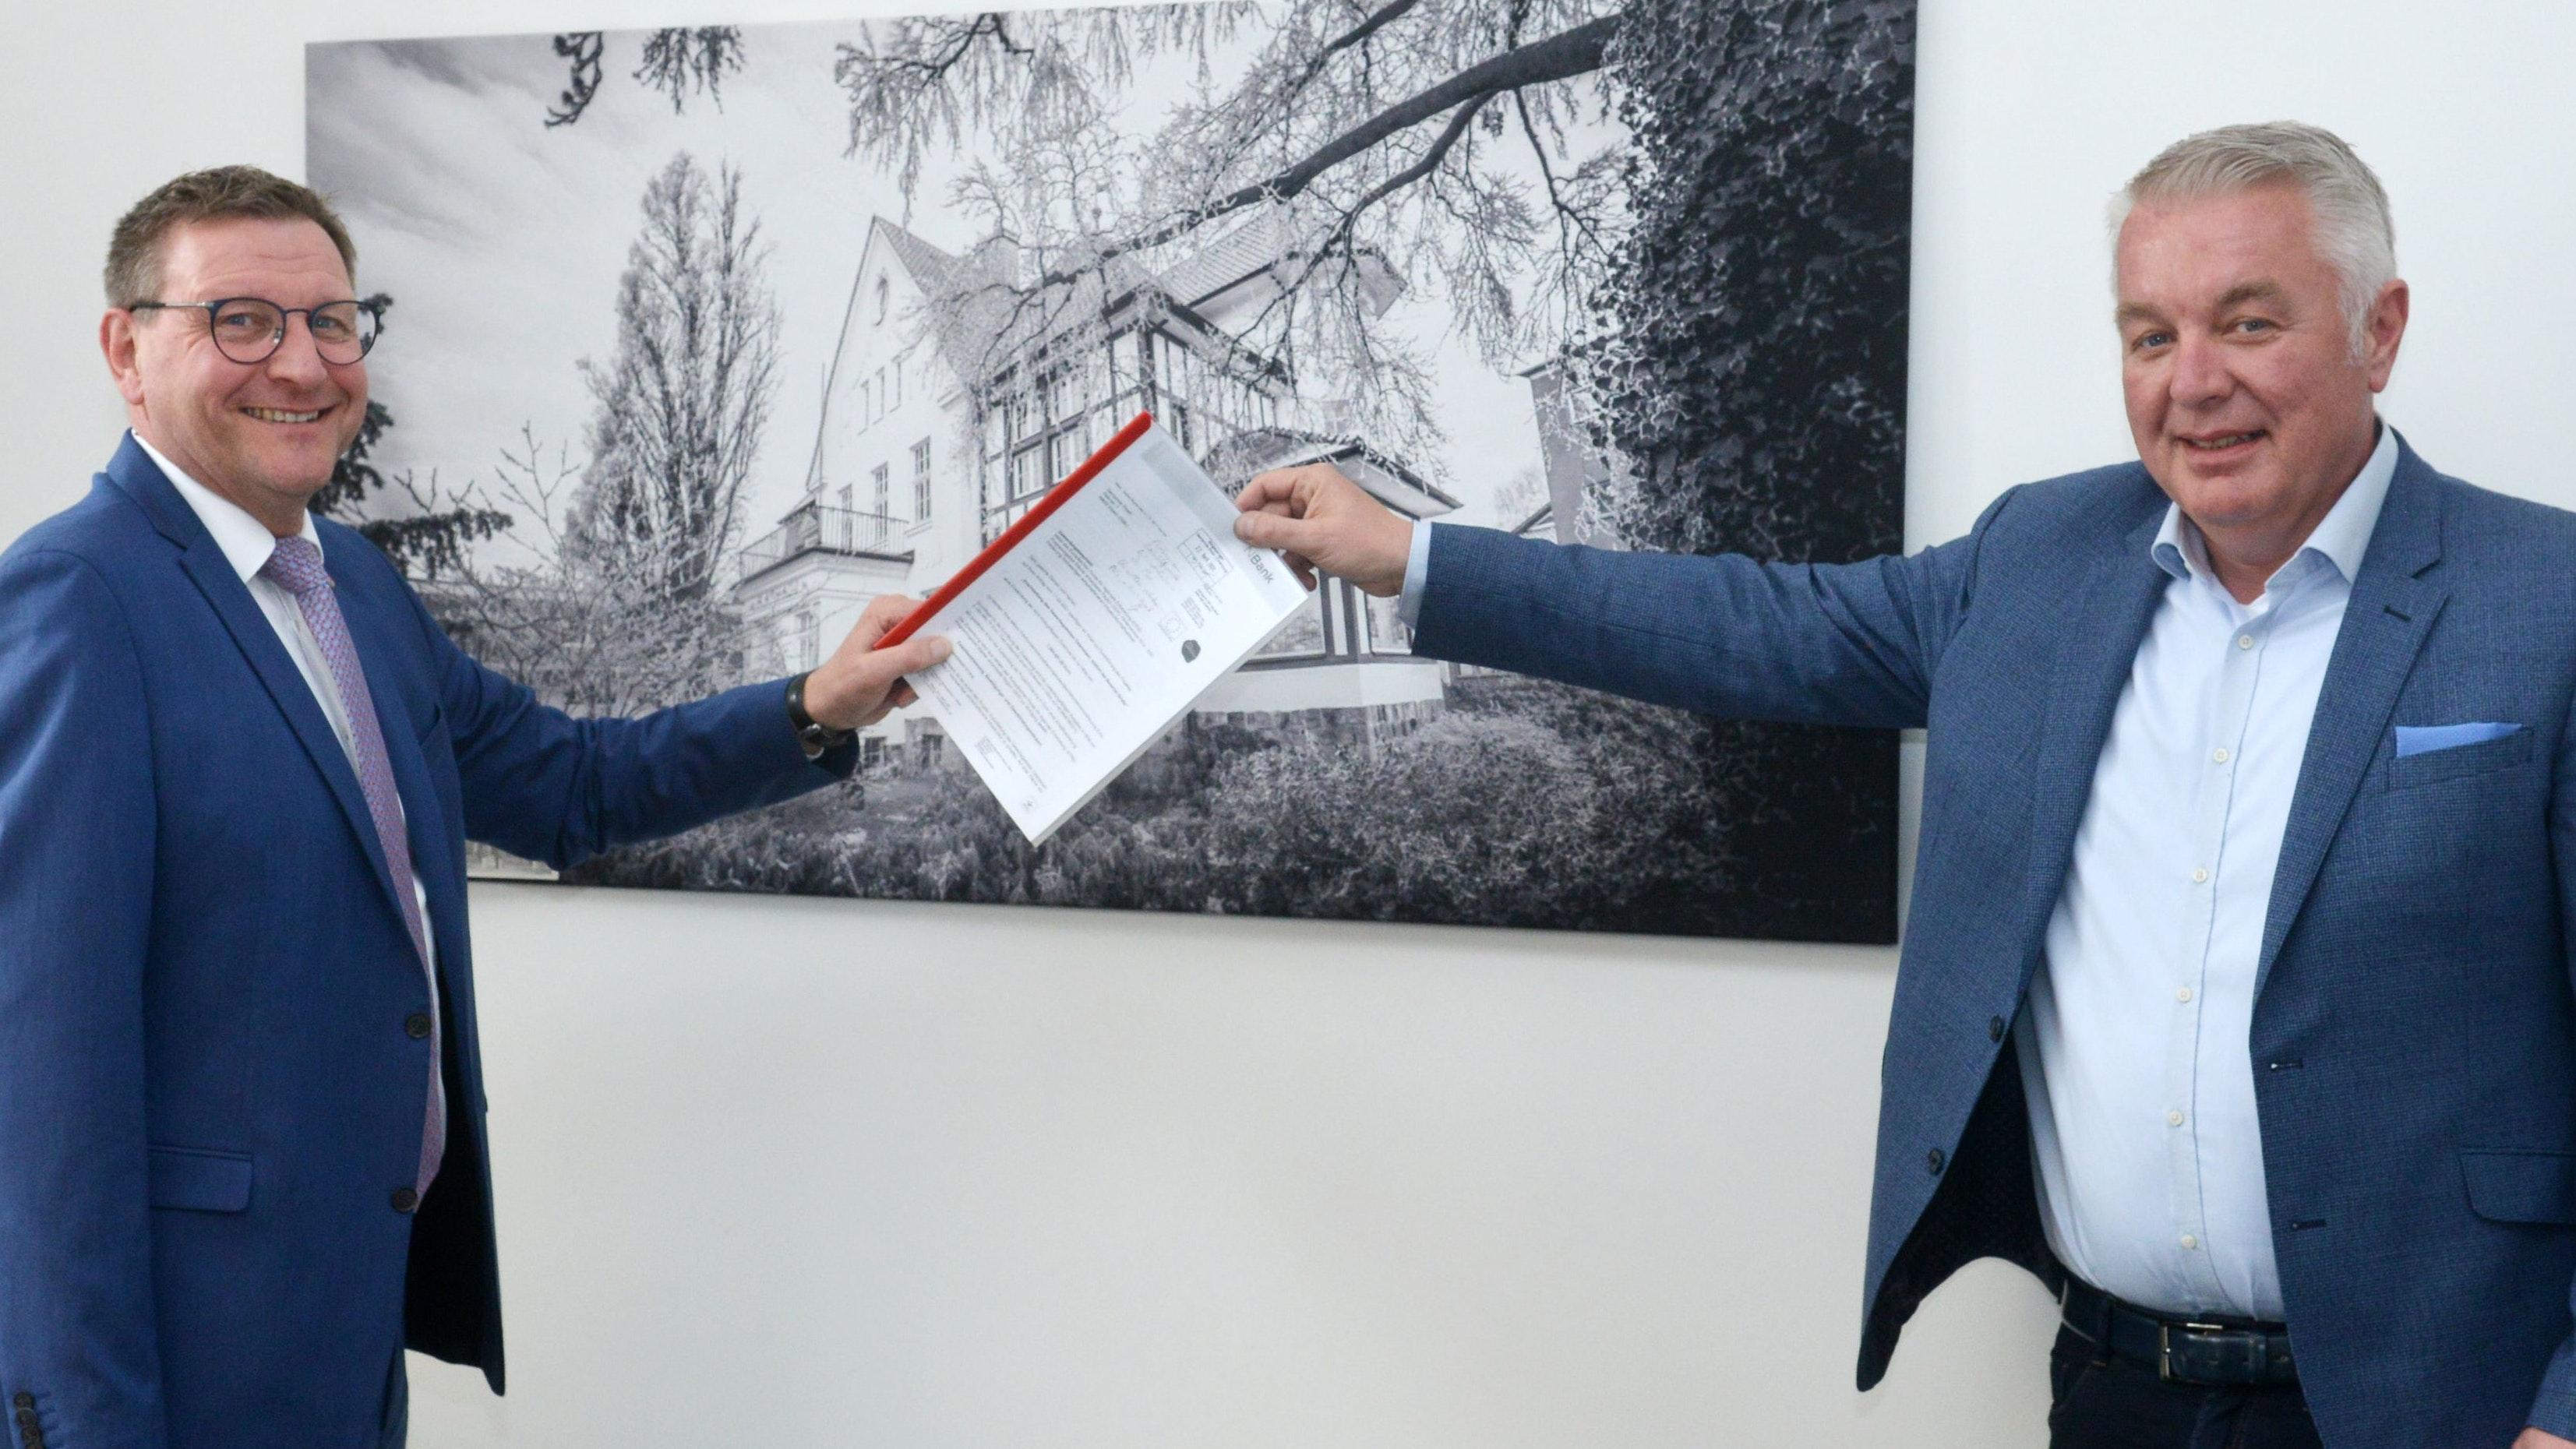 """Christoph Eilers (rechts) überreicht Bürgermeister Kressmann den Förderbescheid über 1,6 Millionen Euro für das Gewerbegebiet """"Osteressen"""". Foto: Siemer"""